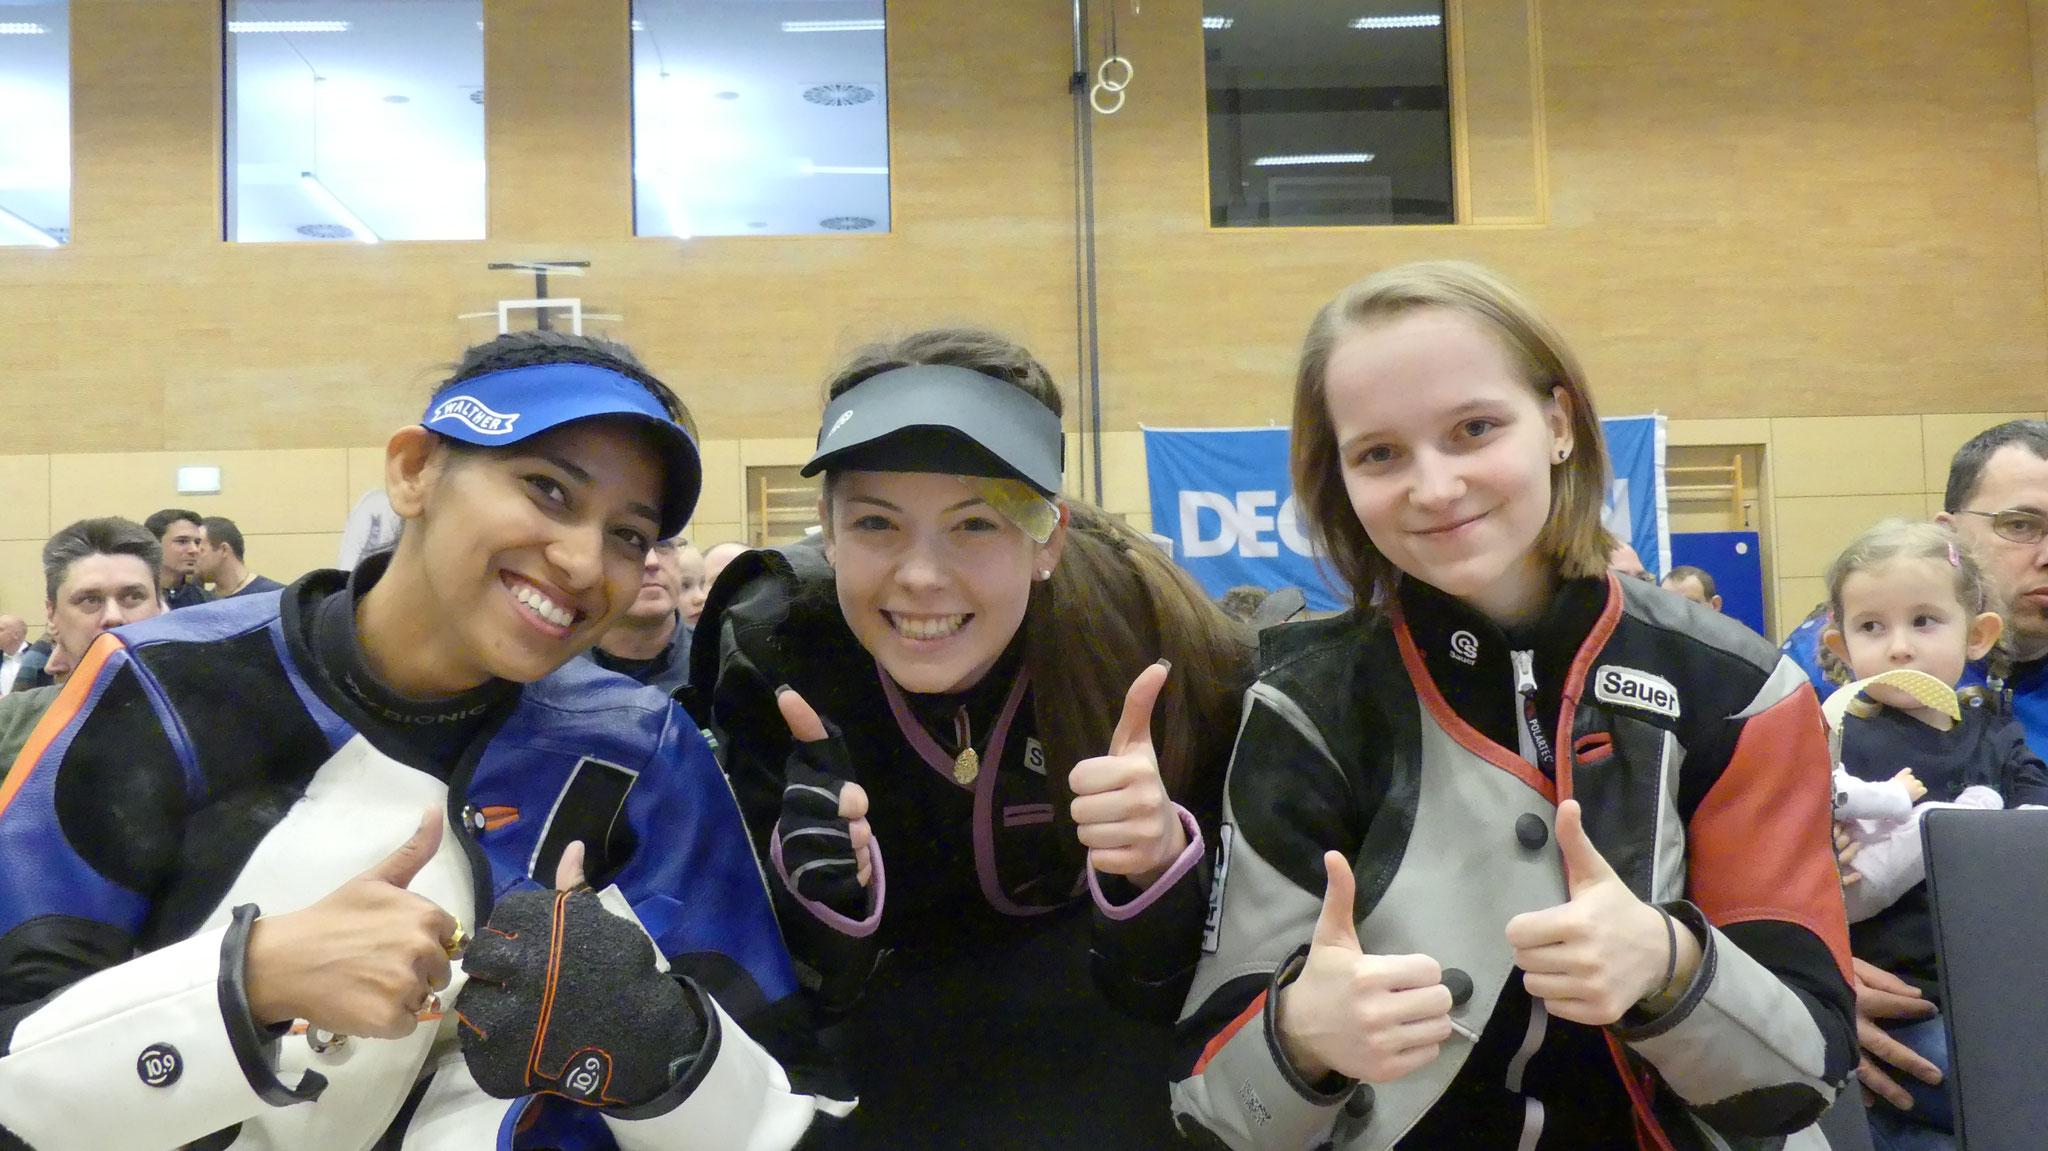 Drei junge Frauen mit Weltklasseniveau v.l.n.r: Ayonika Paul (SV Petersaurach), Lana Wurster, Larissa Weindorf (beide SSV Kronau)